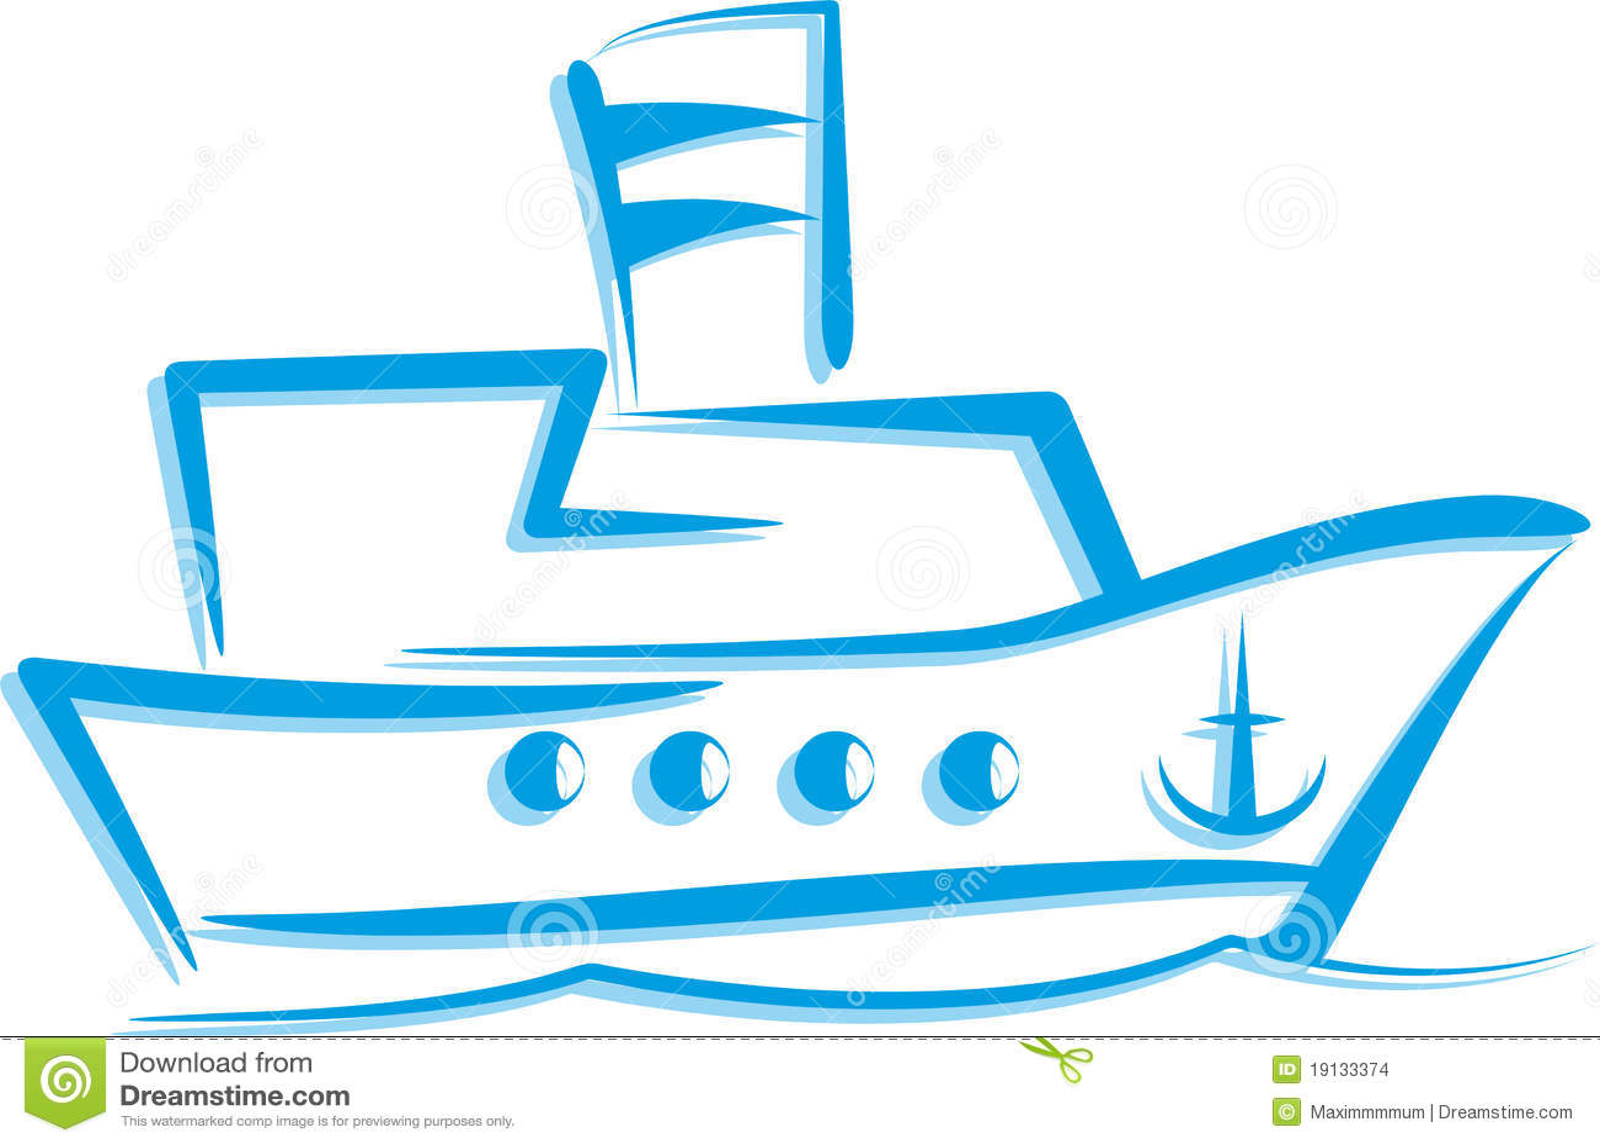 Illustrazione con una nave